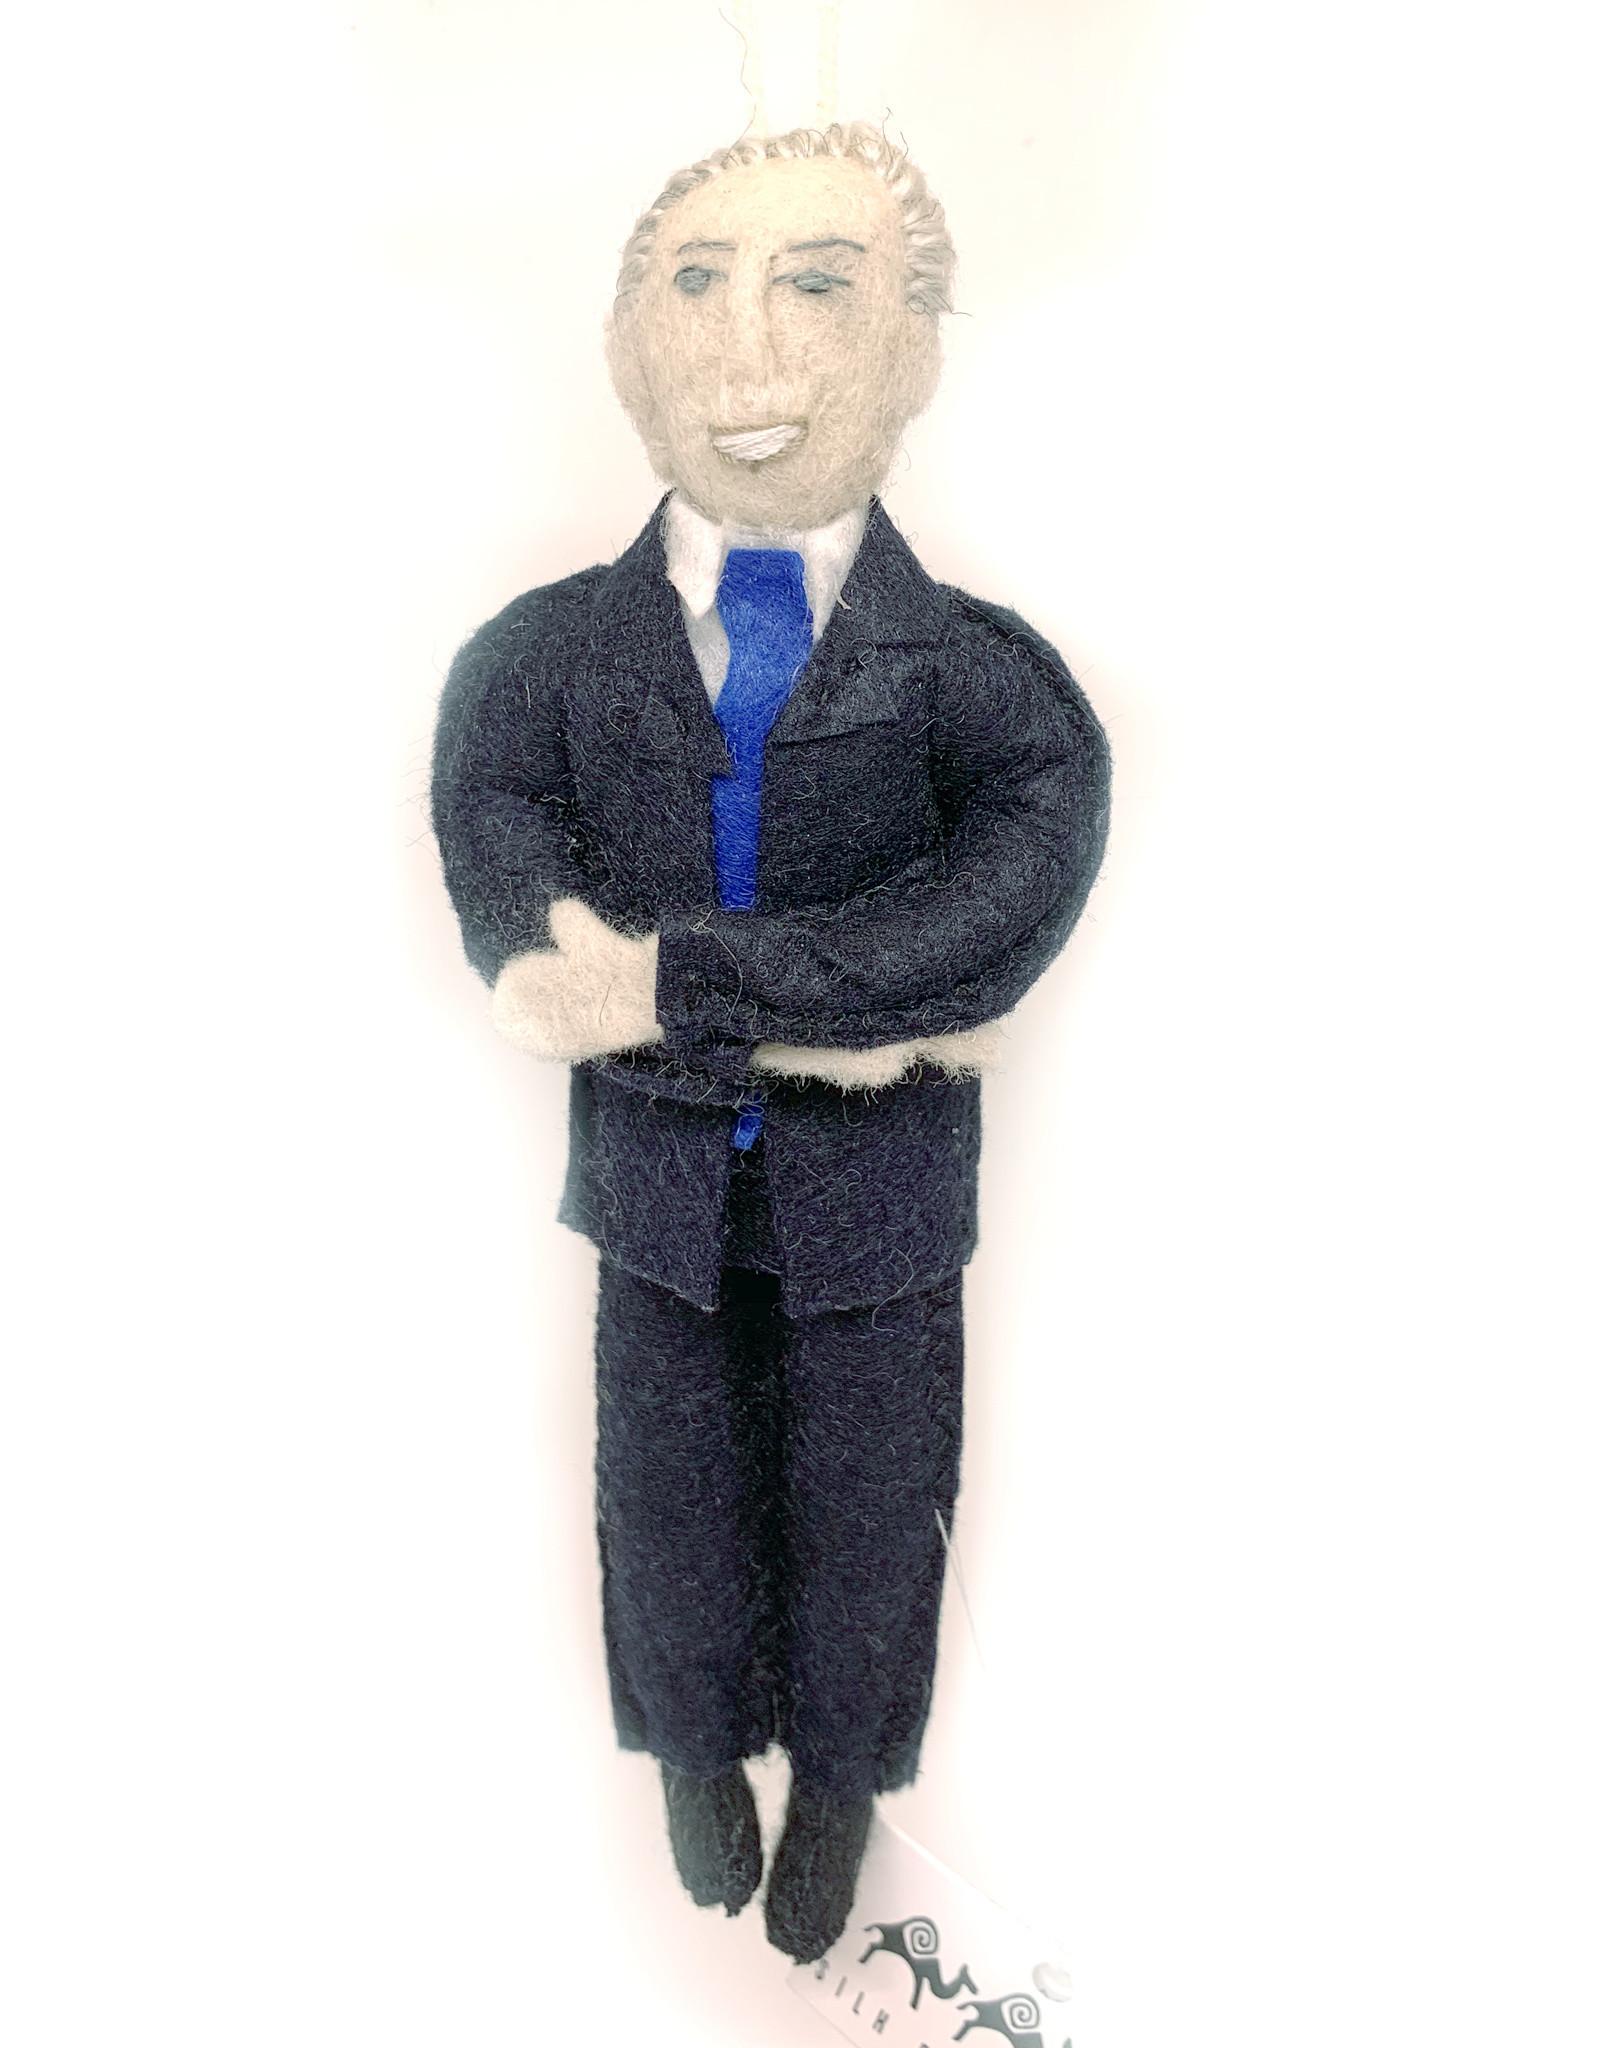 Felt Joe Biden Doll